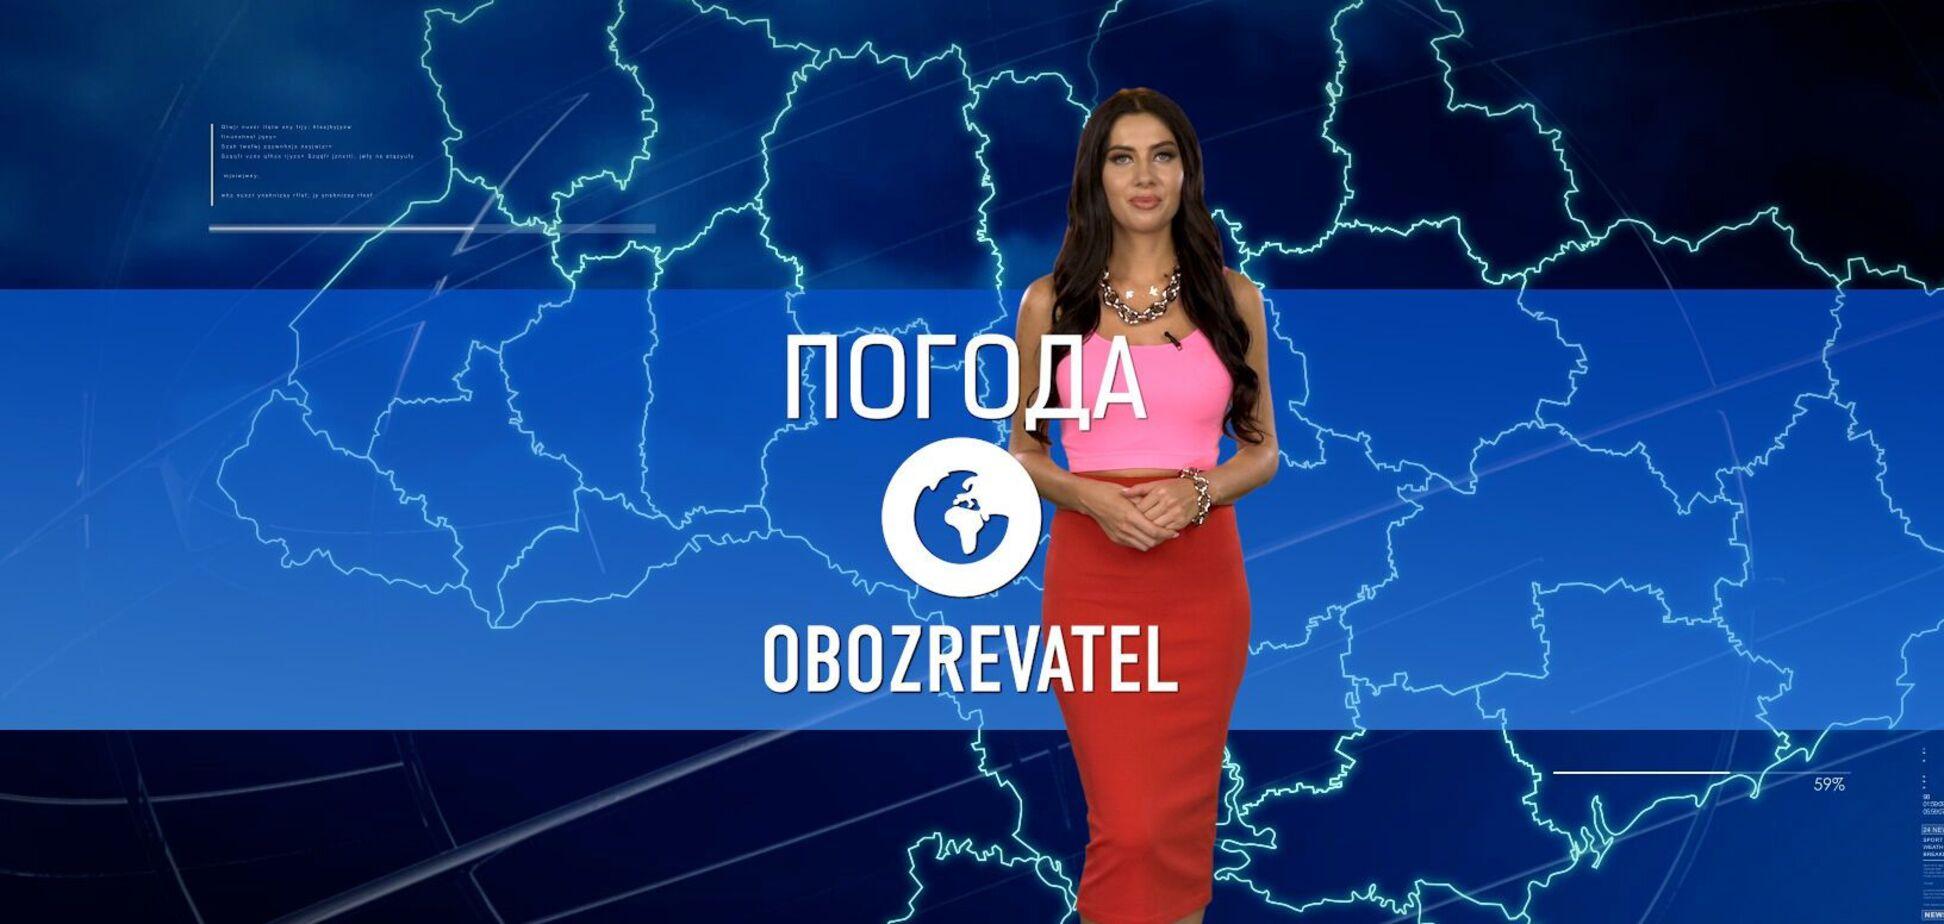 Прогноз погоды в Украине на четверг, 22 июля, с Алисой Мярковской